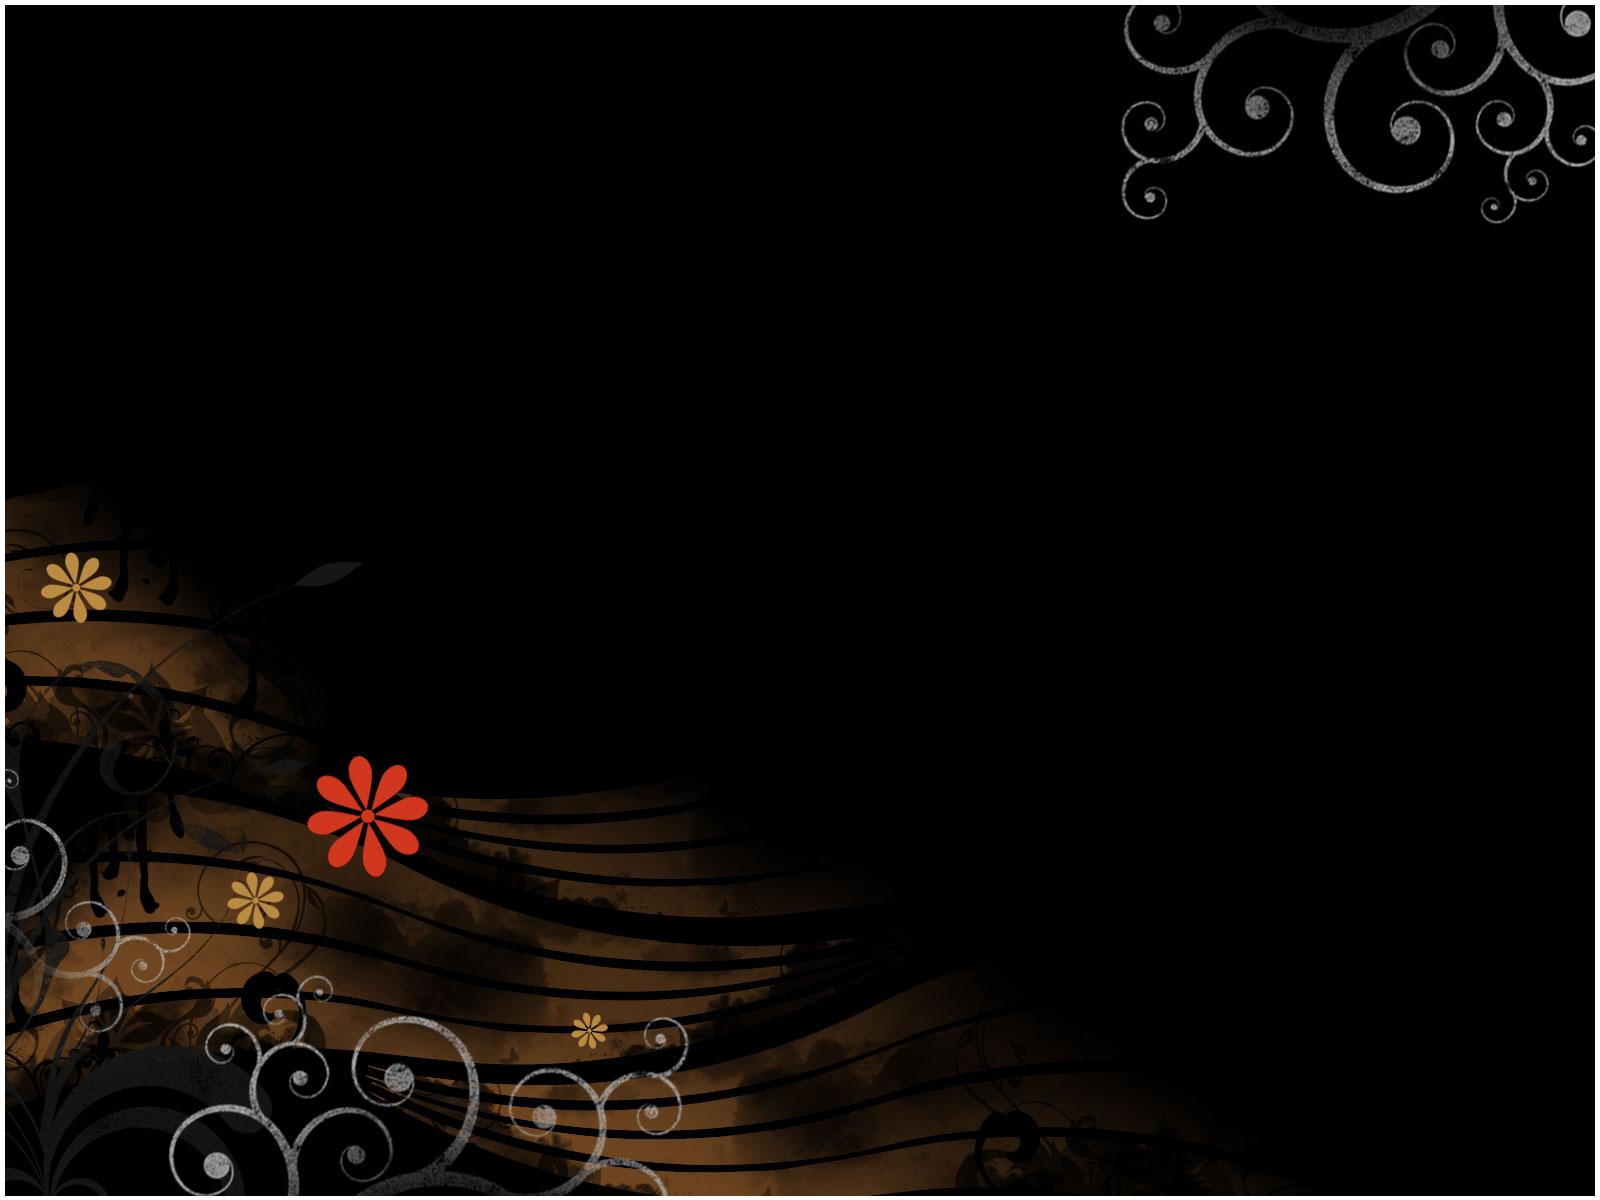 Animated Christmas Wallpapers Animated Christmas Desktop 1600x1200